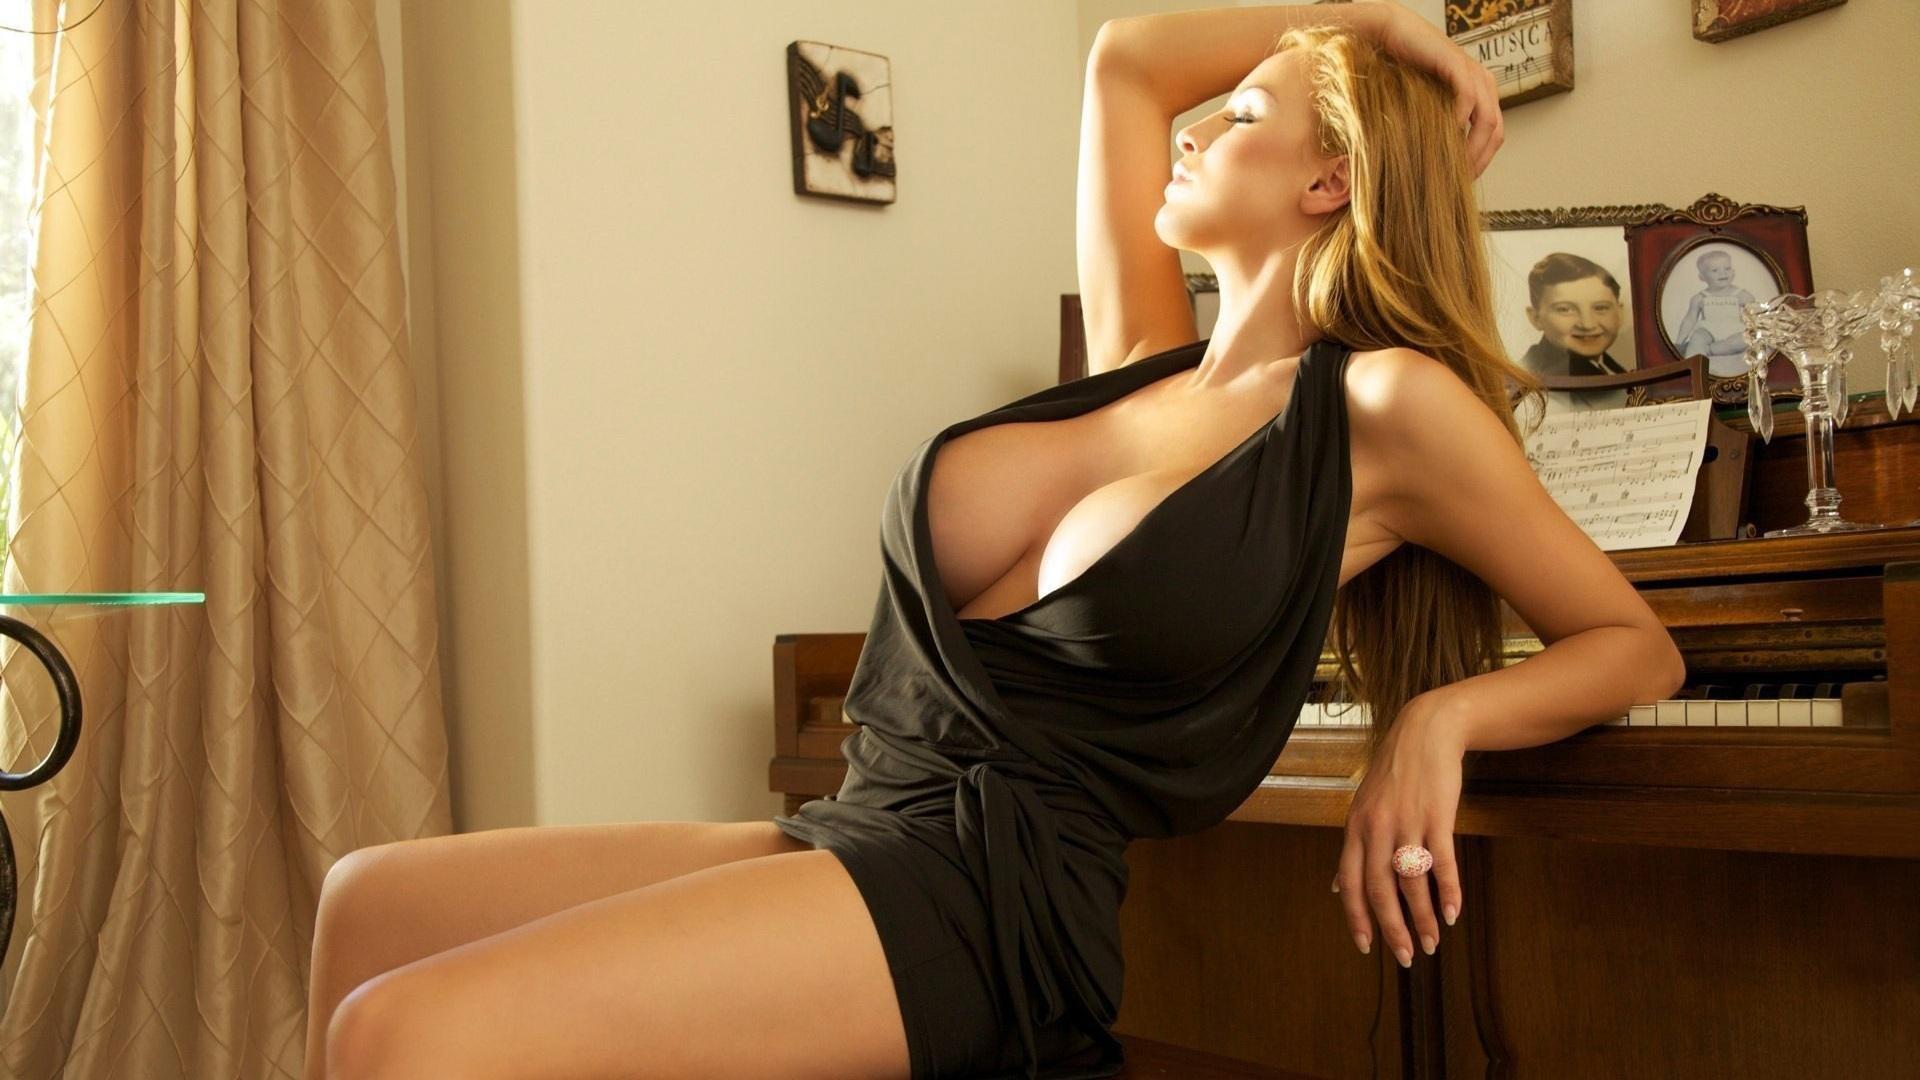 Фото девушек скрасивой грудью 19 фотография